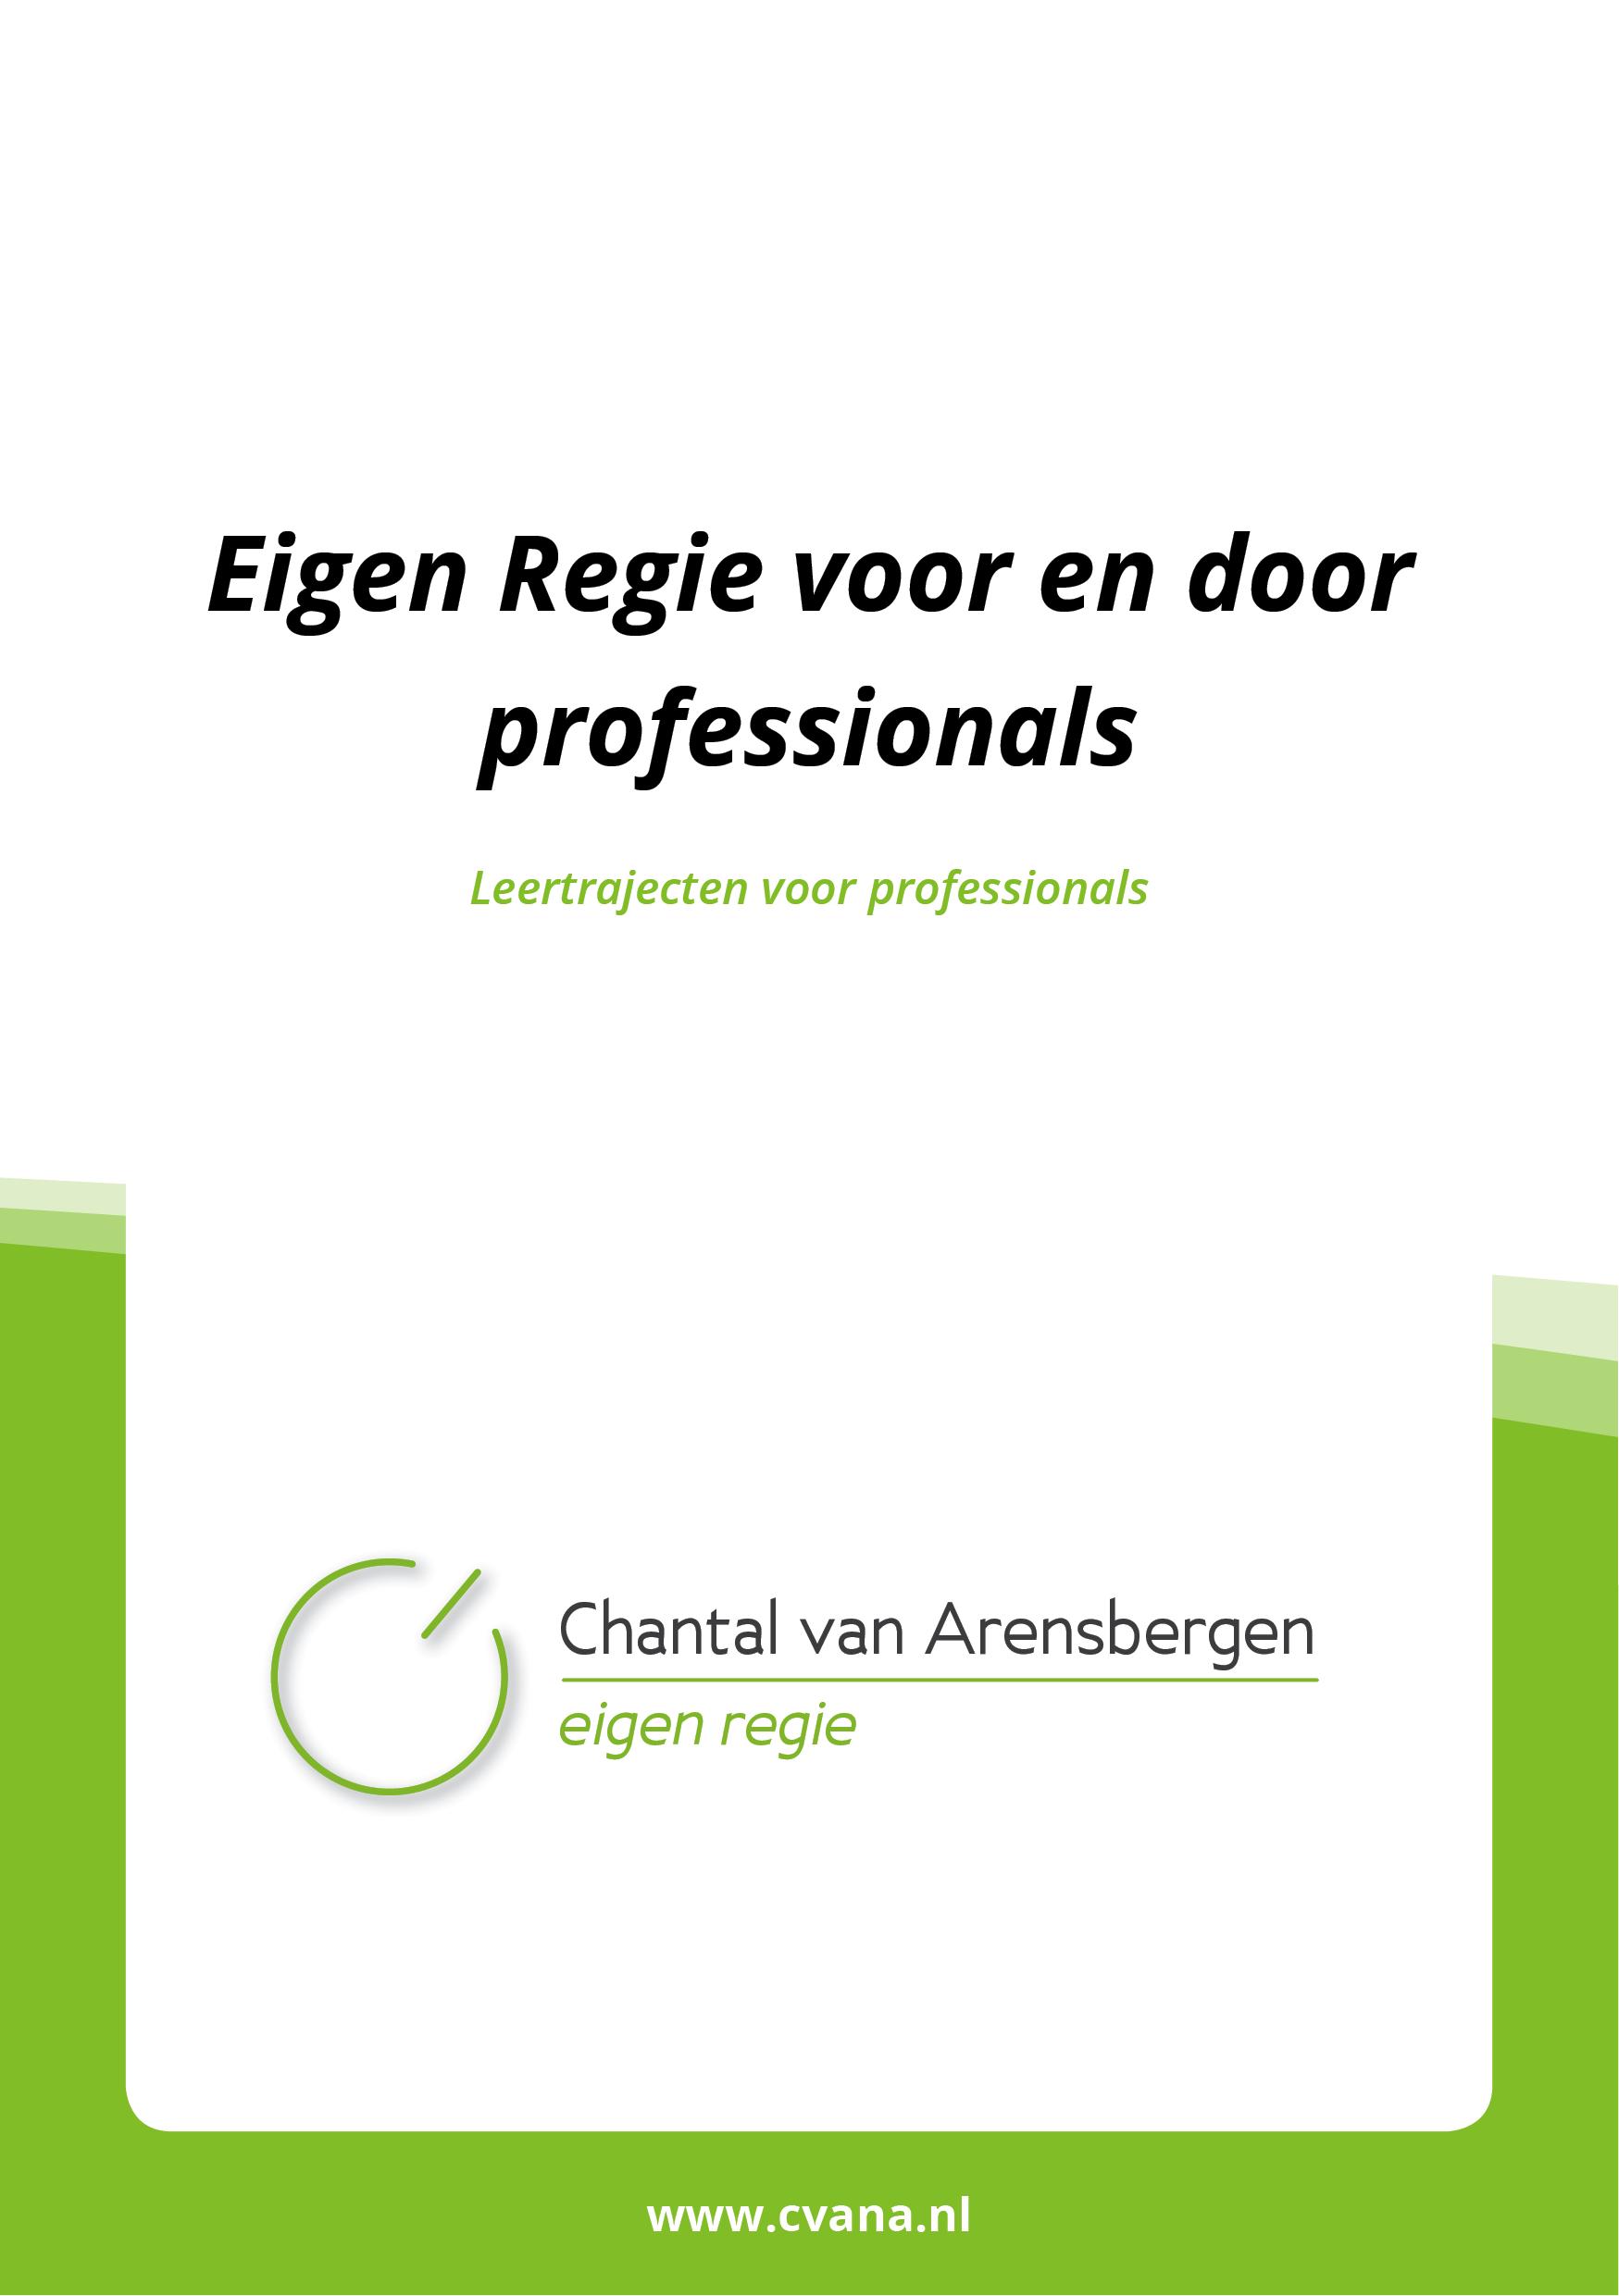 Voorkant Folder Folder Chantal van Arensbergen Eigen Regie voor en door professionals